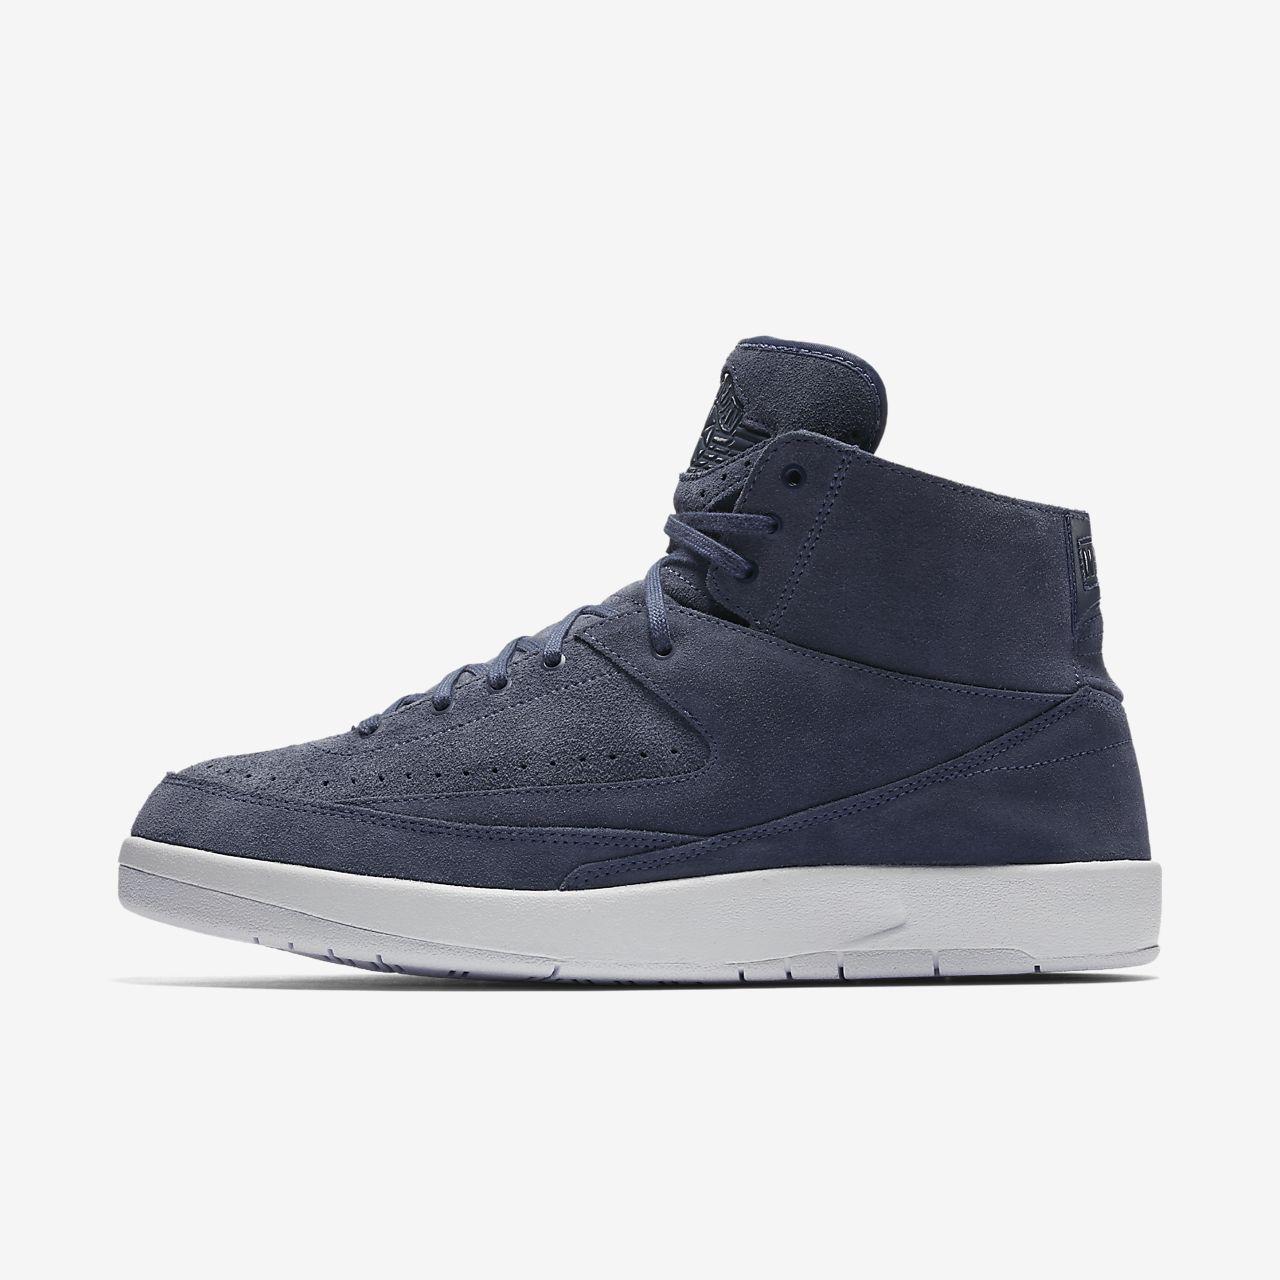 f91da19706e34b Air Jordan 2 Retro Decon Men s Shoe. Nike.com GB